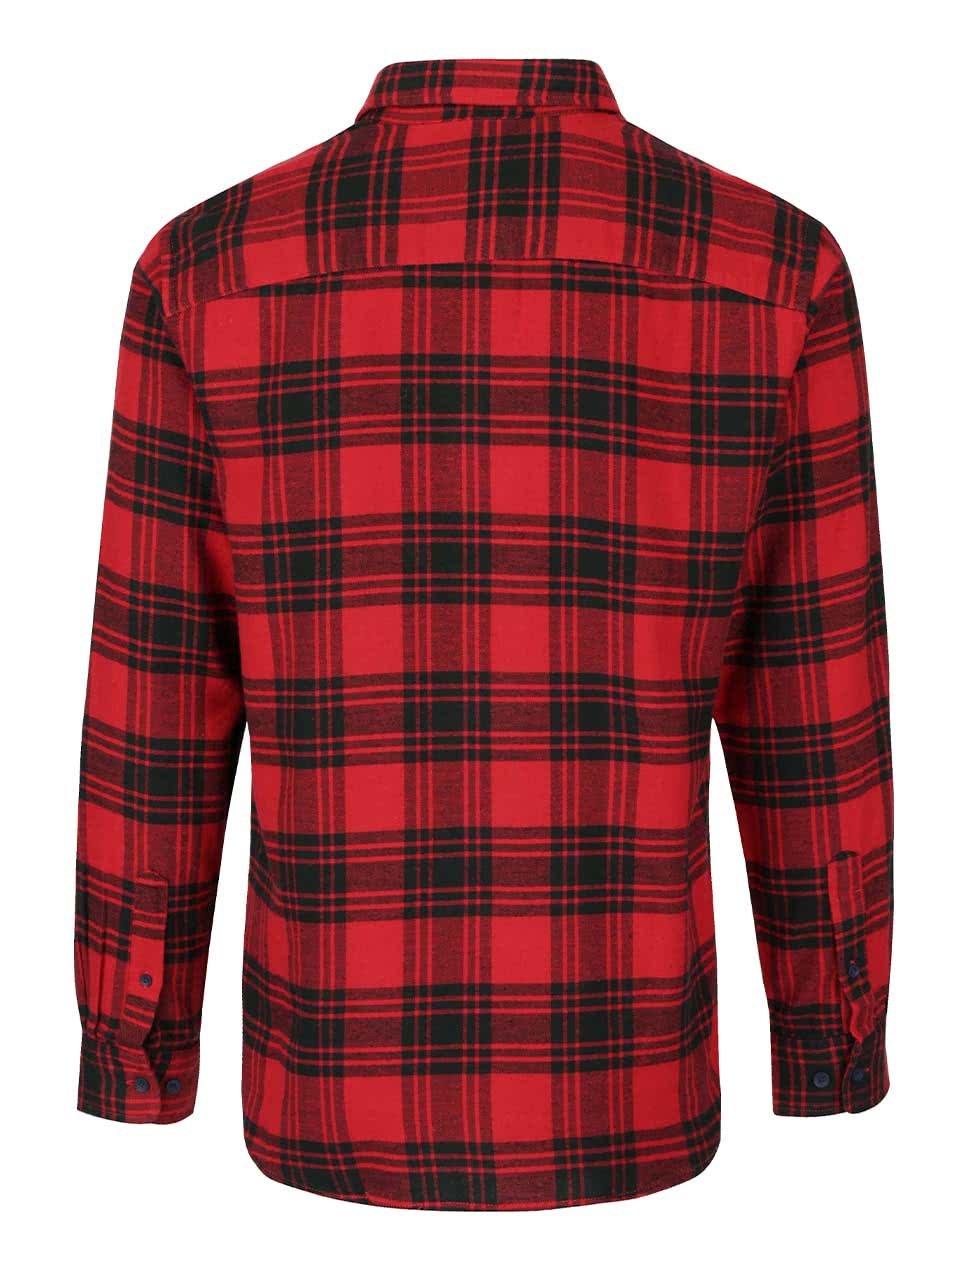 d3146a4052b3 Čierno-červená károvaná flanelová košeľa Jack   Jones Peter ...